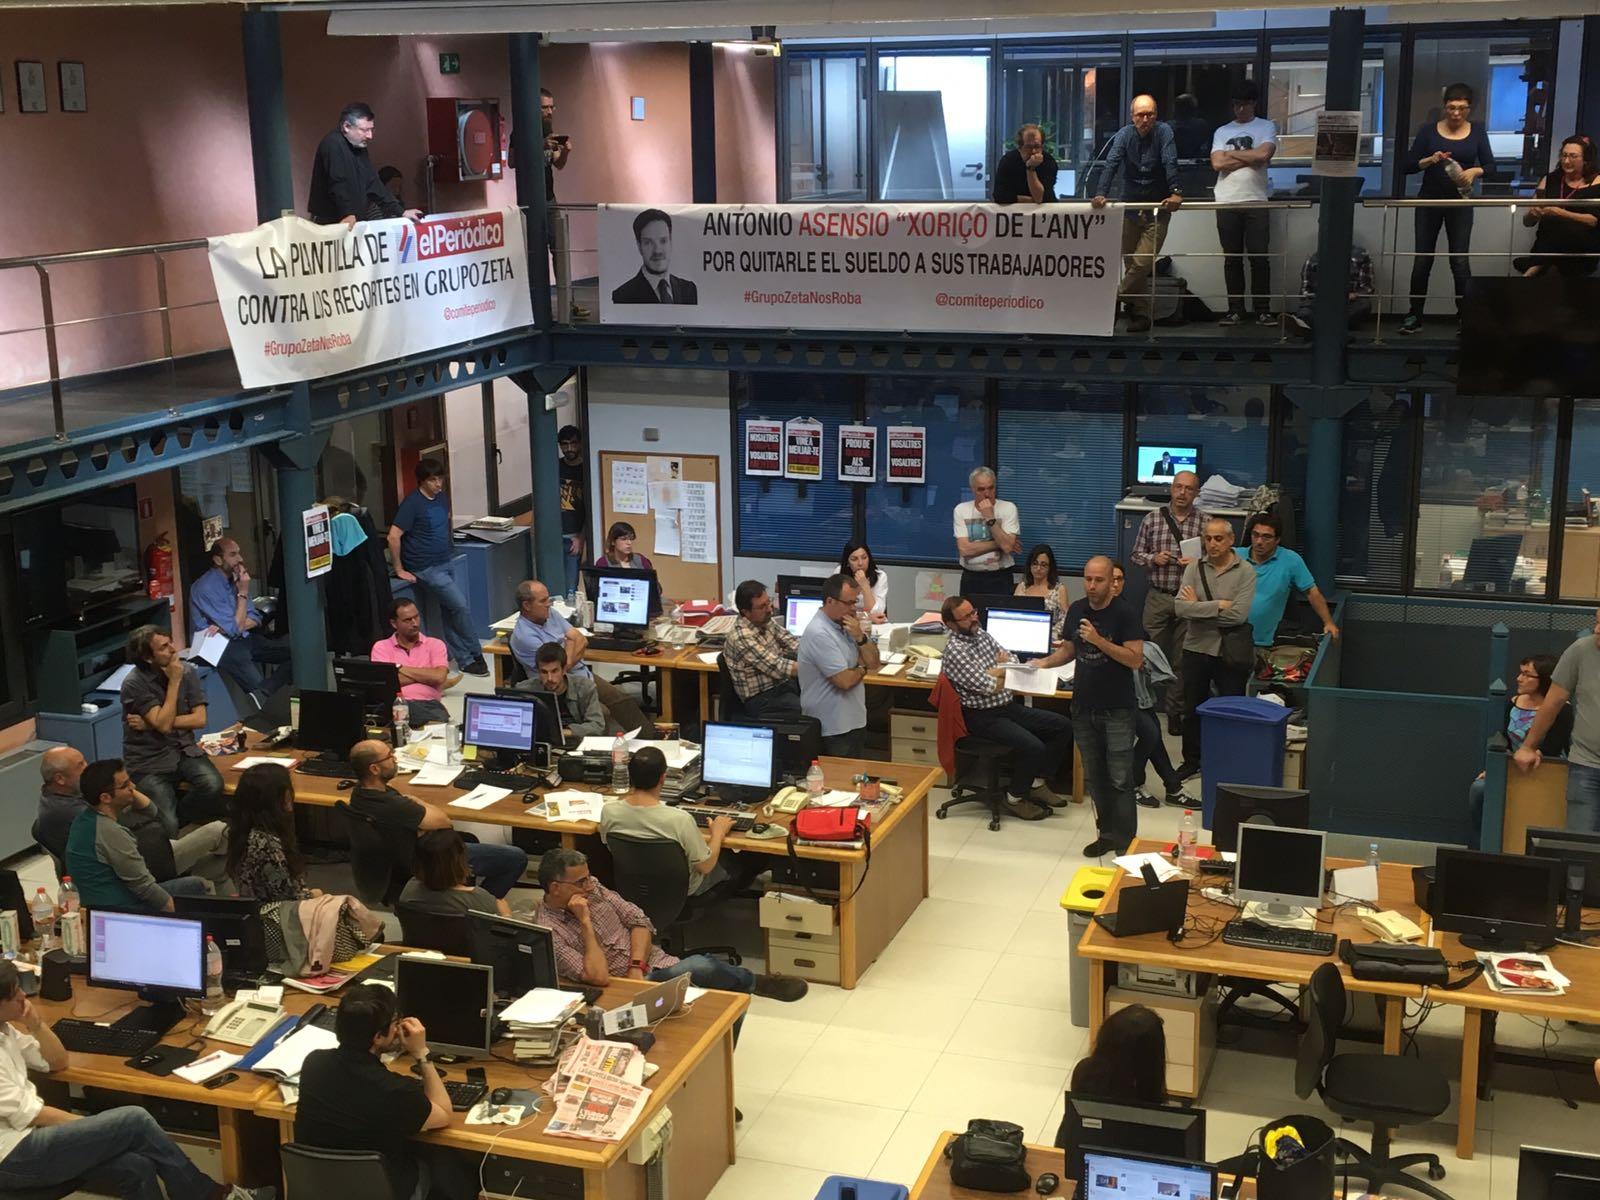 Grupo Zeta anuncia un ERE en 'El Periódico', informa su comité de empresa